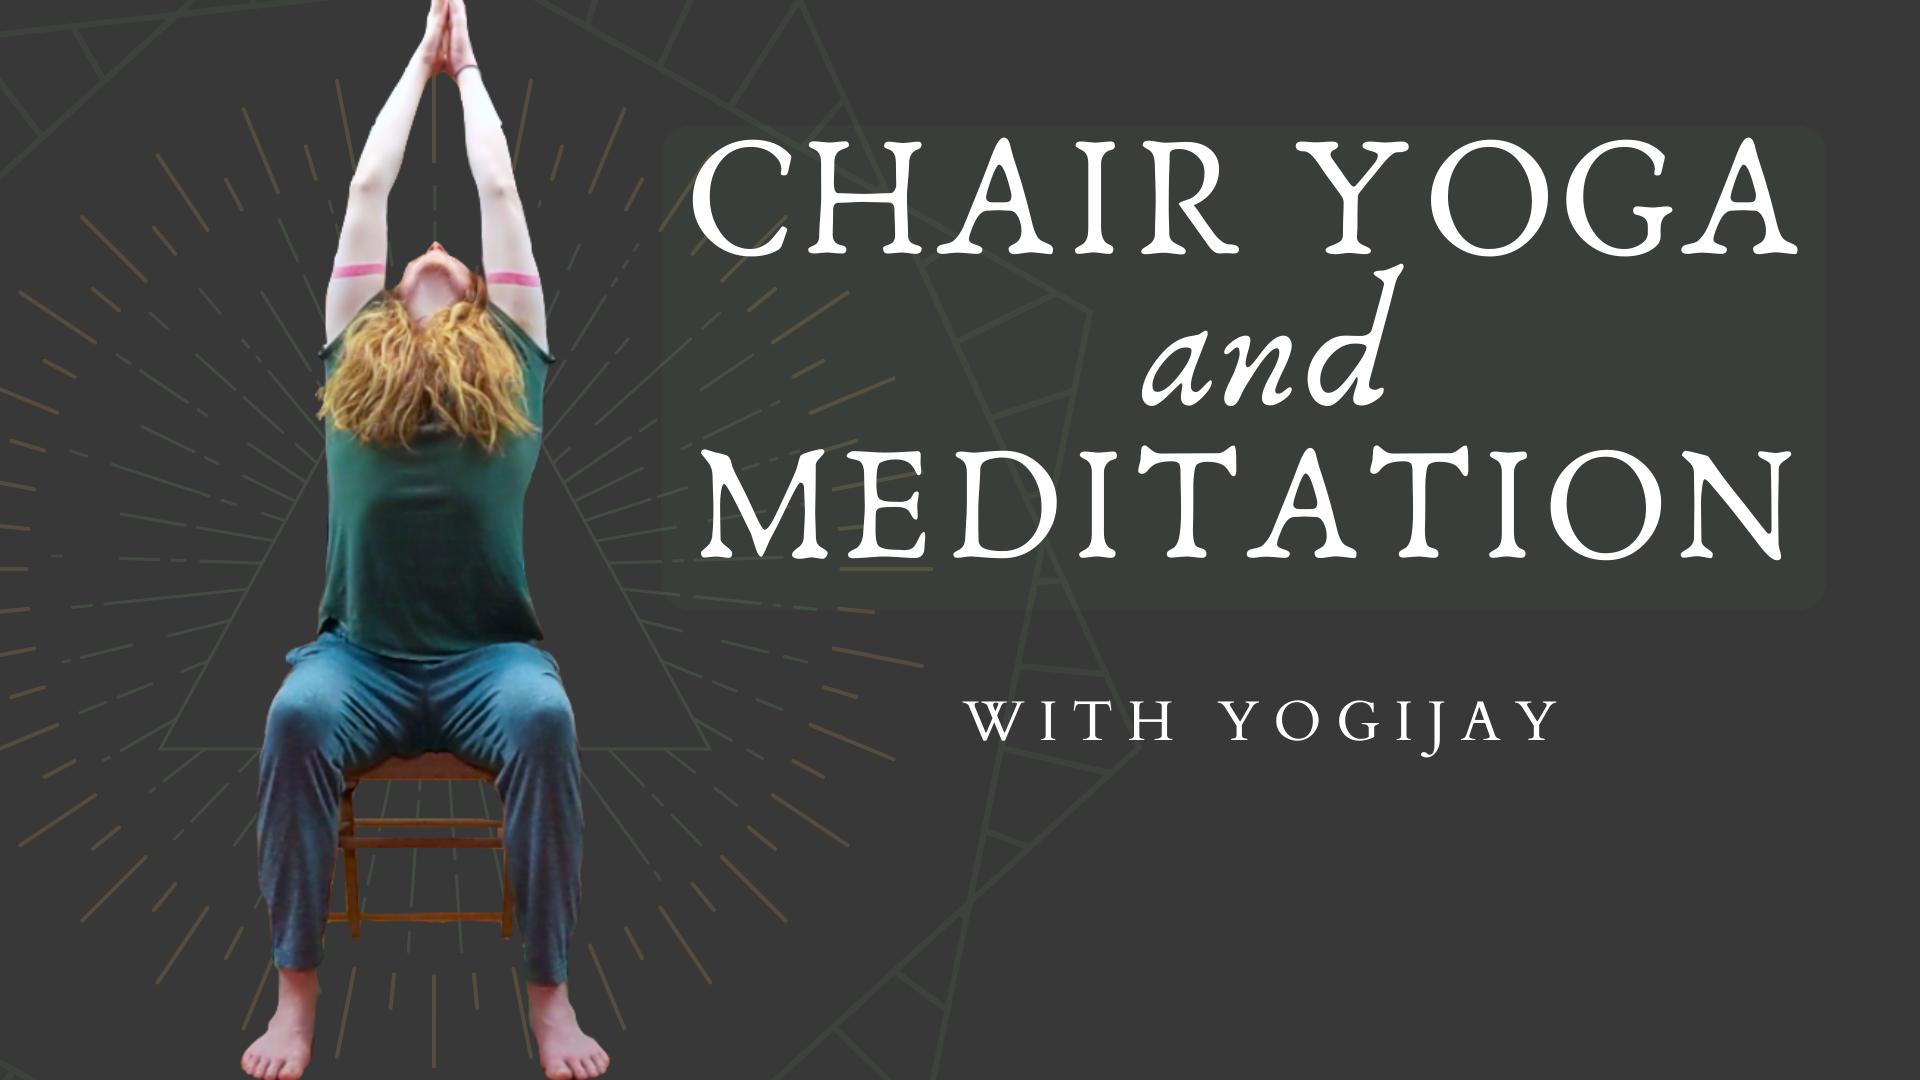 Chair Yoga and Meditation